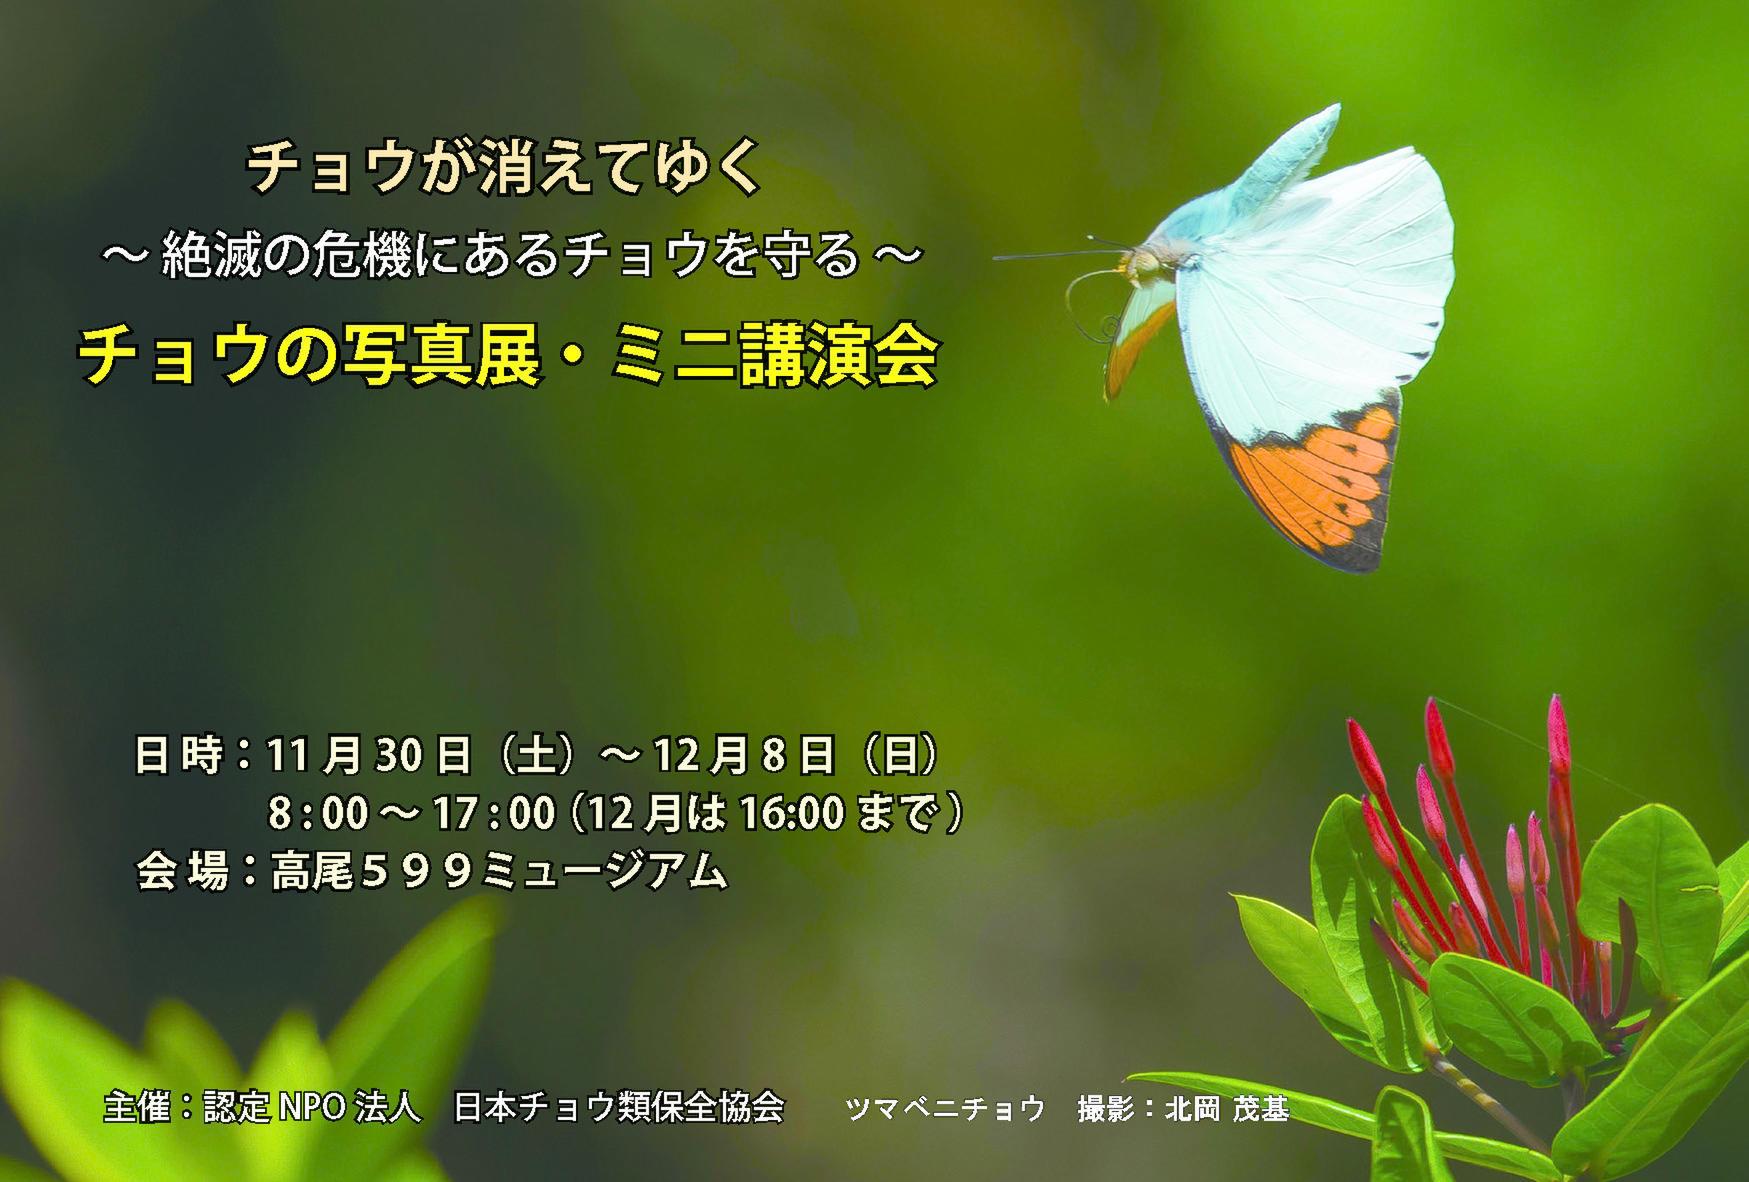 写真展のお知らせ(2019年11月25日)_d0303129_4203089.jpg